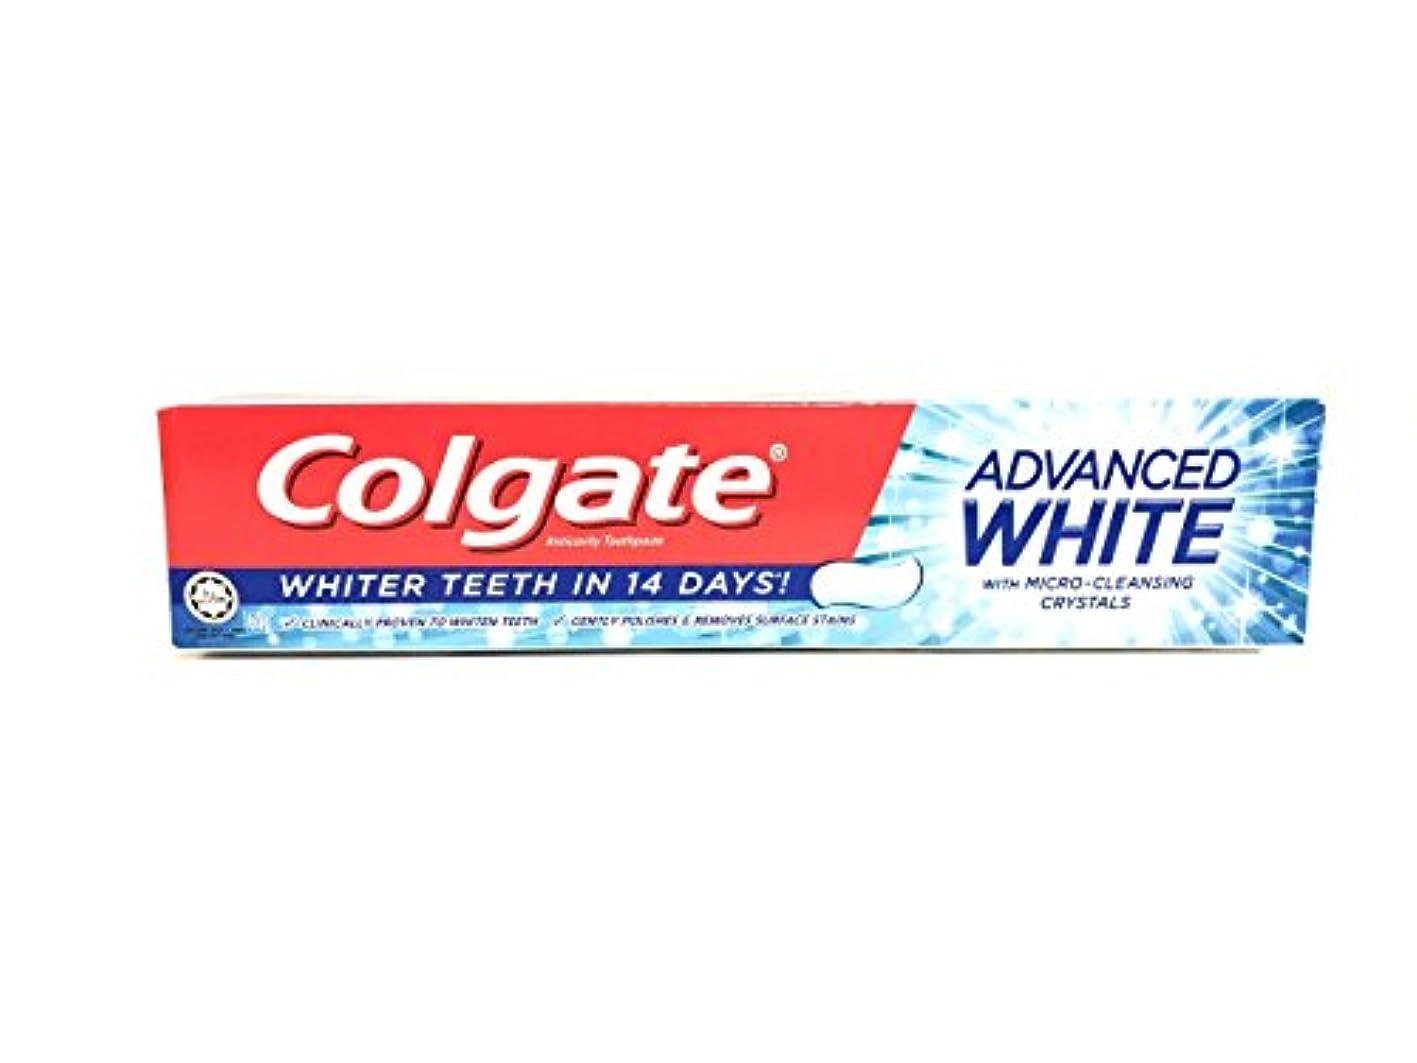 拒絶する眉をひそめるみなさん[ARTASY WORKSHOP®][並行輸入品] Colgate コルゲート 歯磨き粉 美白 ADVANCED WHITE 美白歯磨剤 虫歯予防 歯周病ケア 口臭改善 ホワイトニング (ADVANCED WHITE)